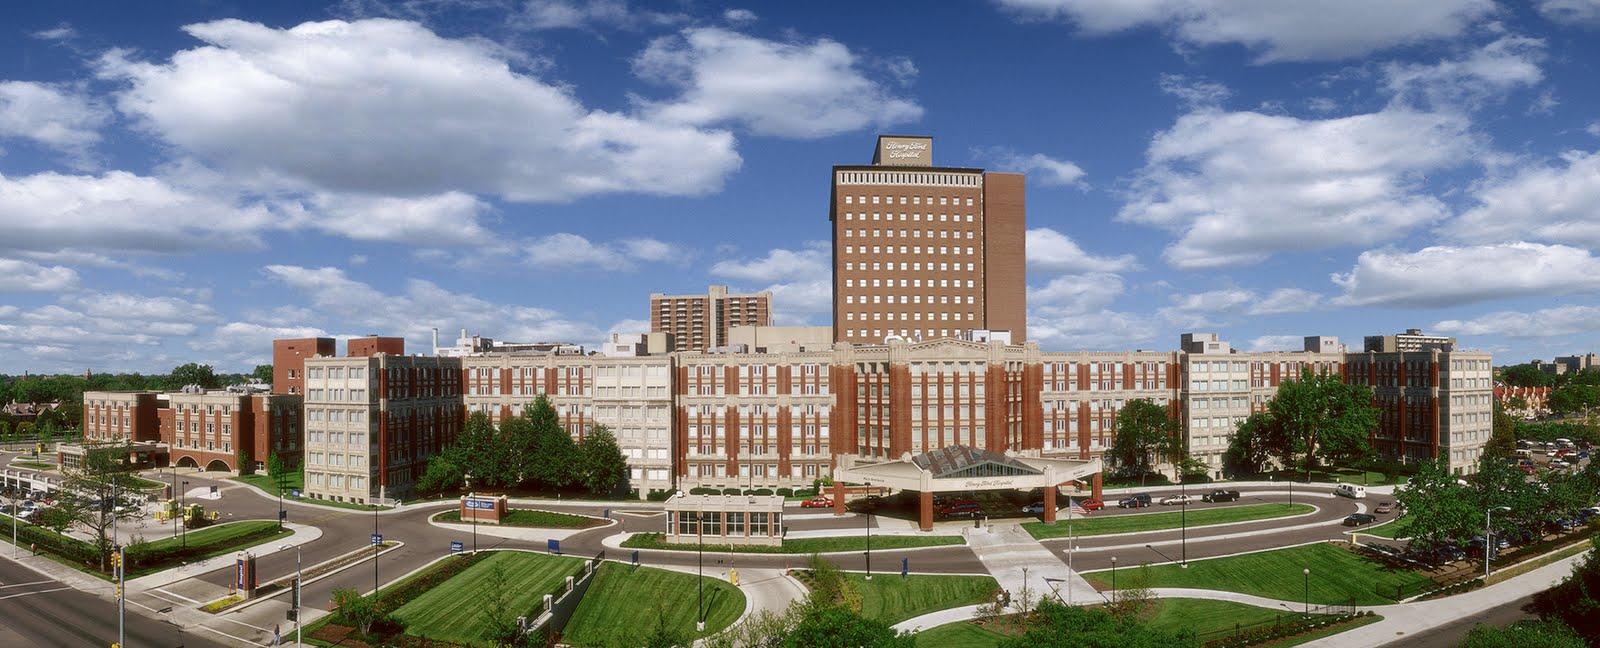 Sueña hospital de Detroit con urbanismo inclusivo